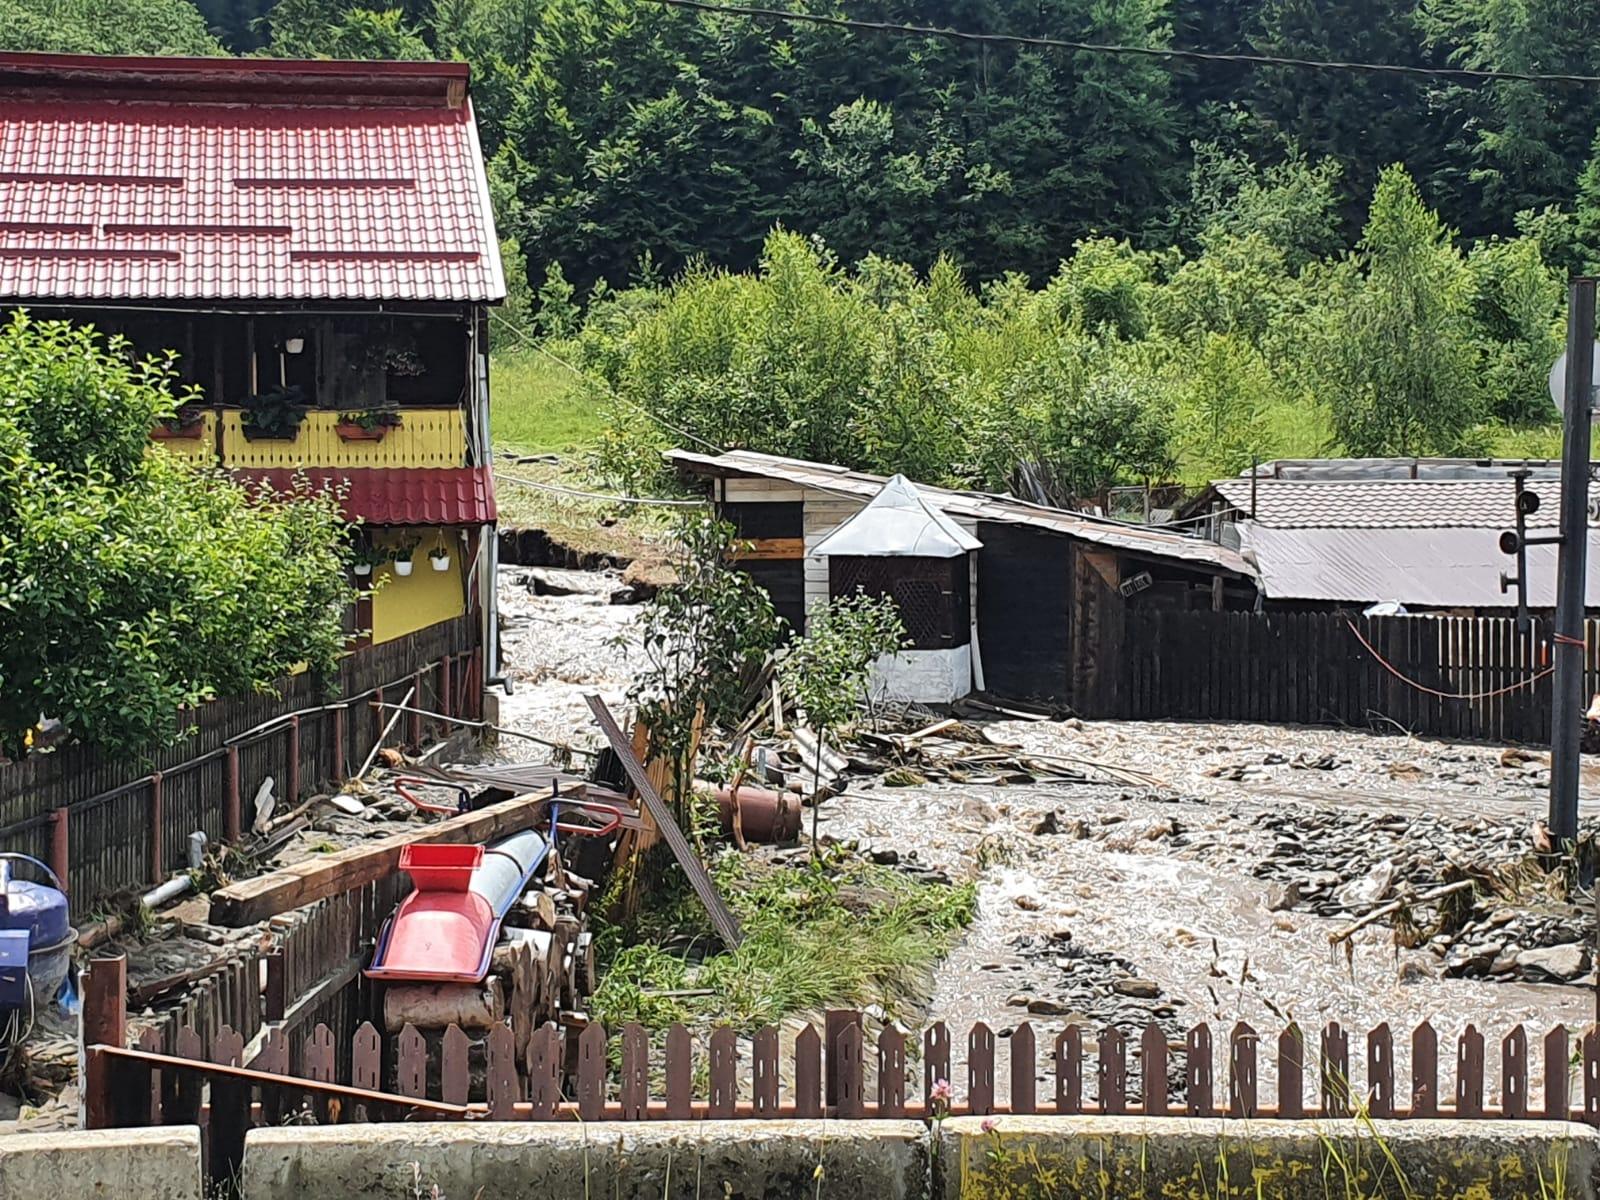 Bilanț în urma inundațiilor din Valea Jiului: opt localități afectate, aproape 400 de gospodării inundate și circa 300 de persoane evacuate